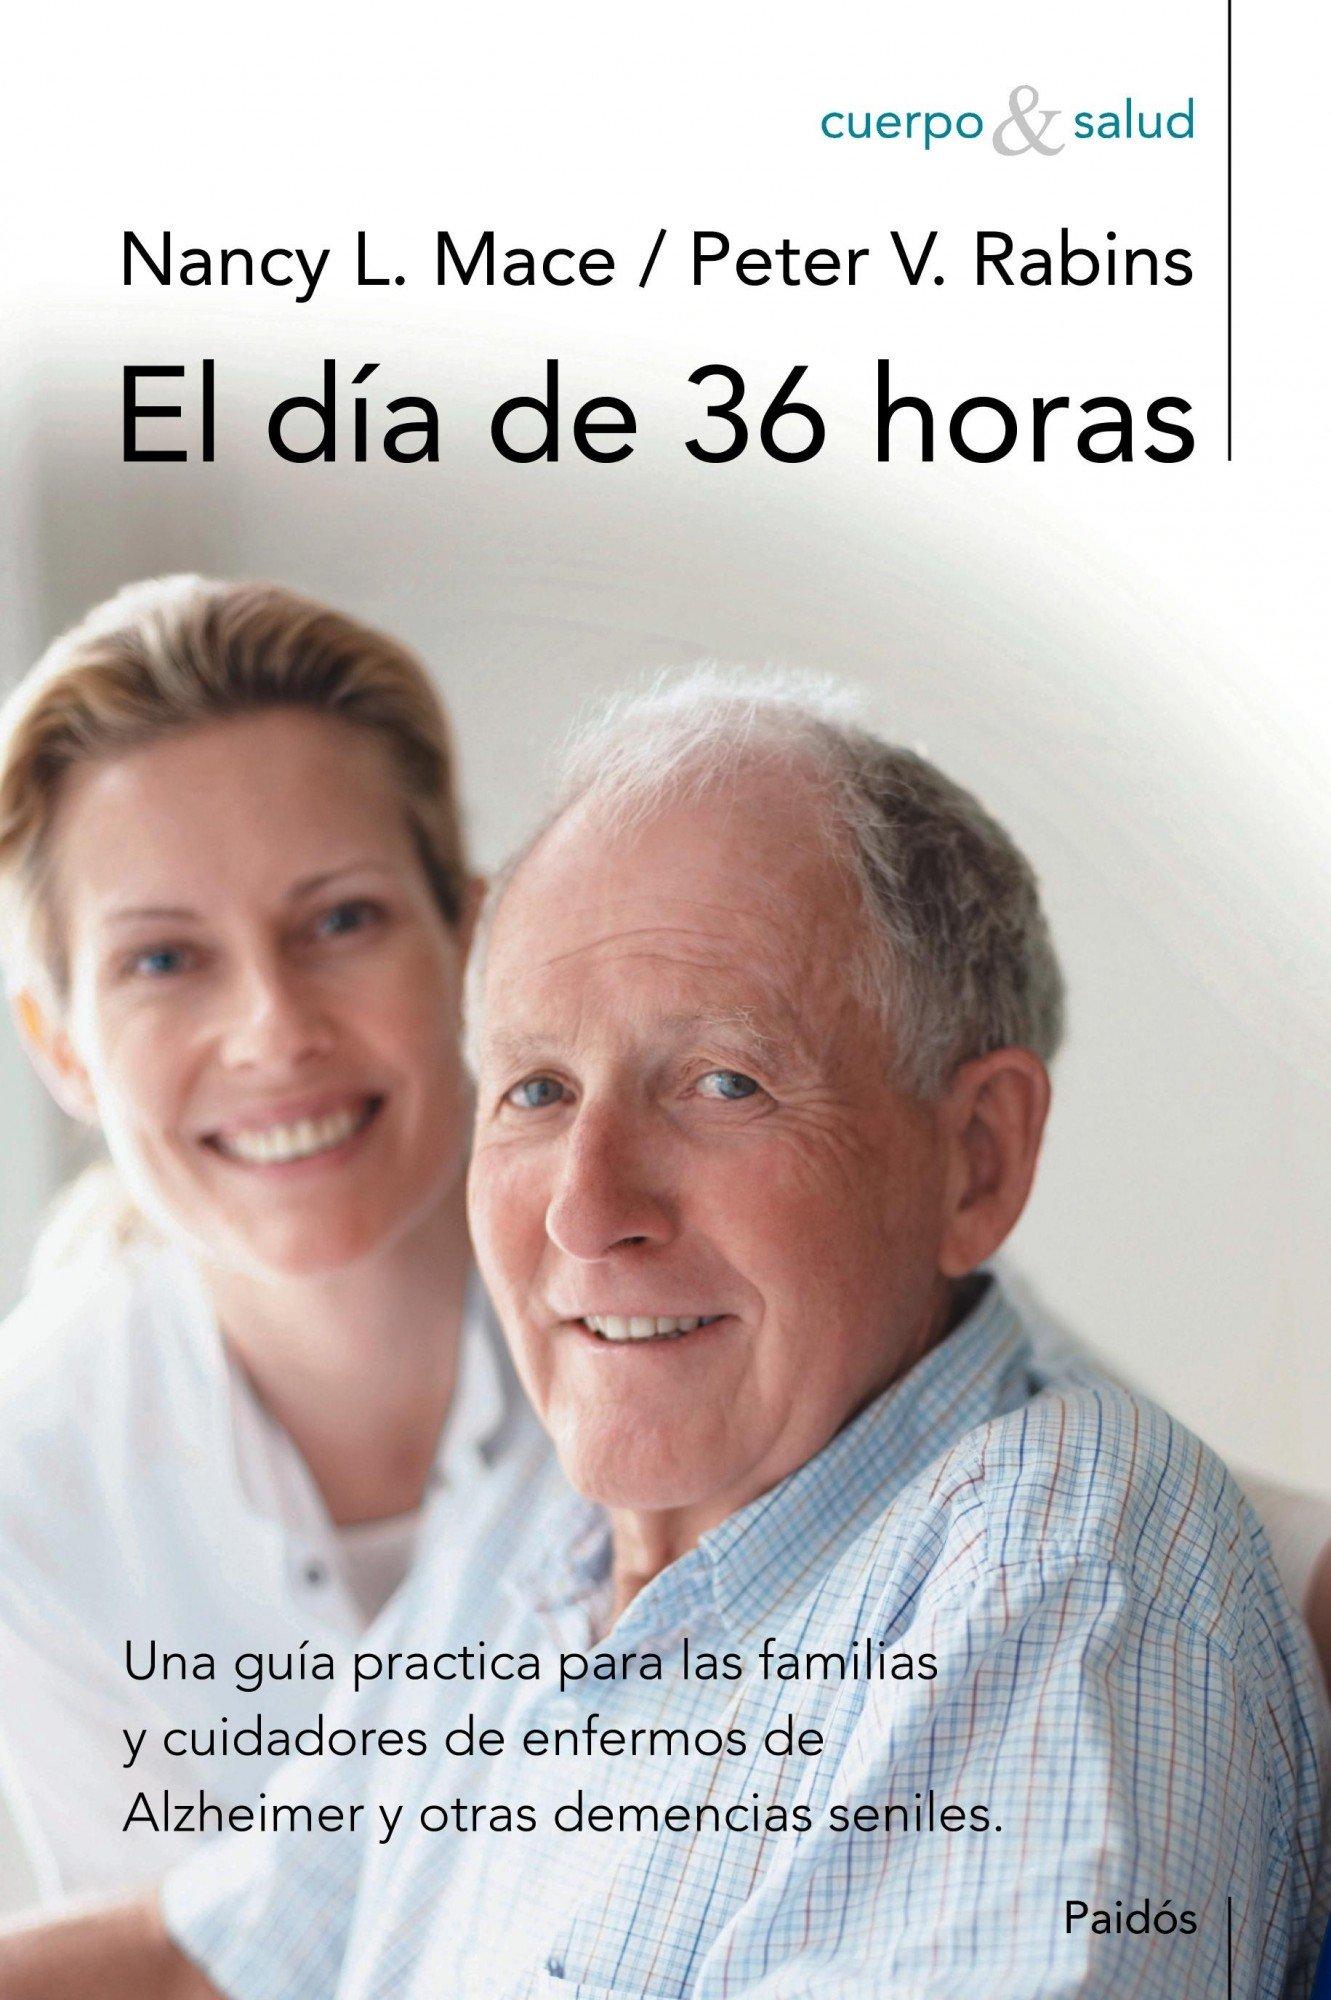 Libros recomendados para familiares de personas con Alzheimer